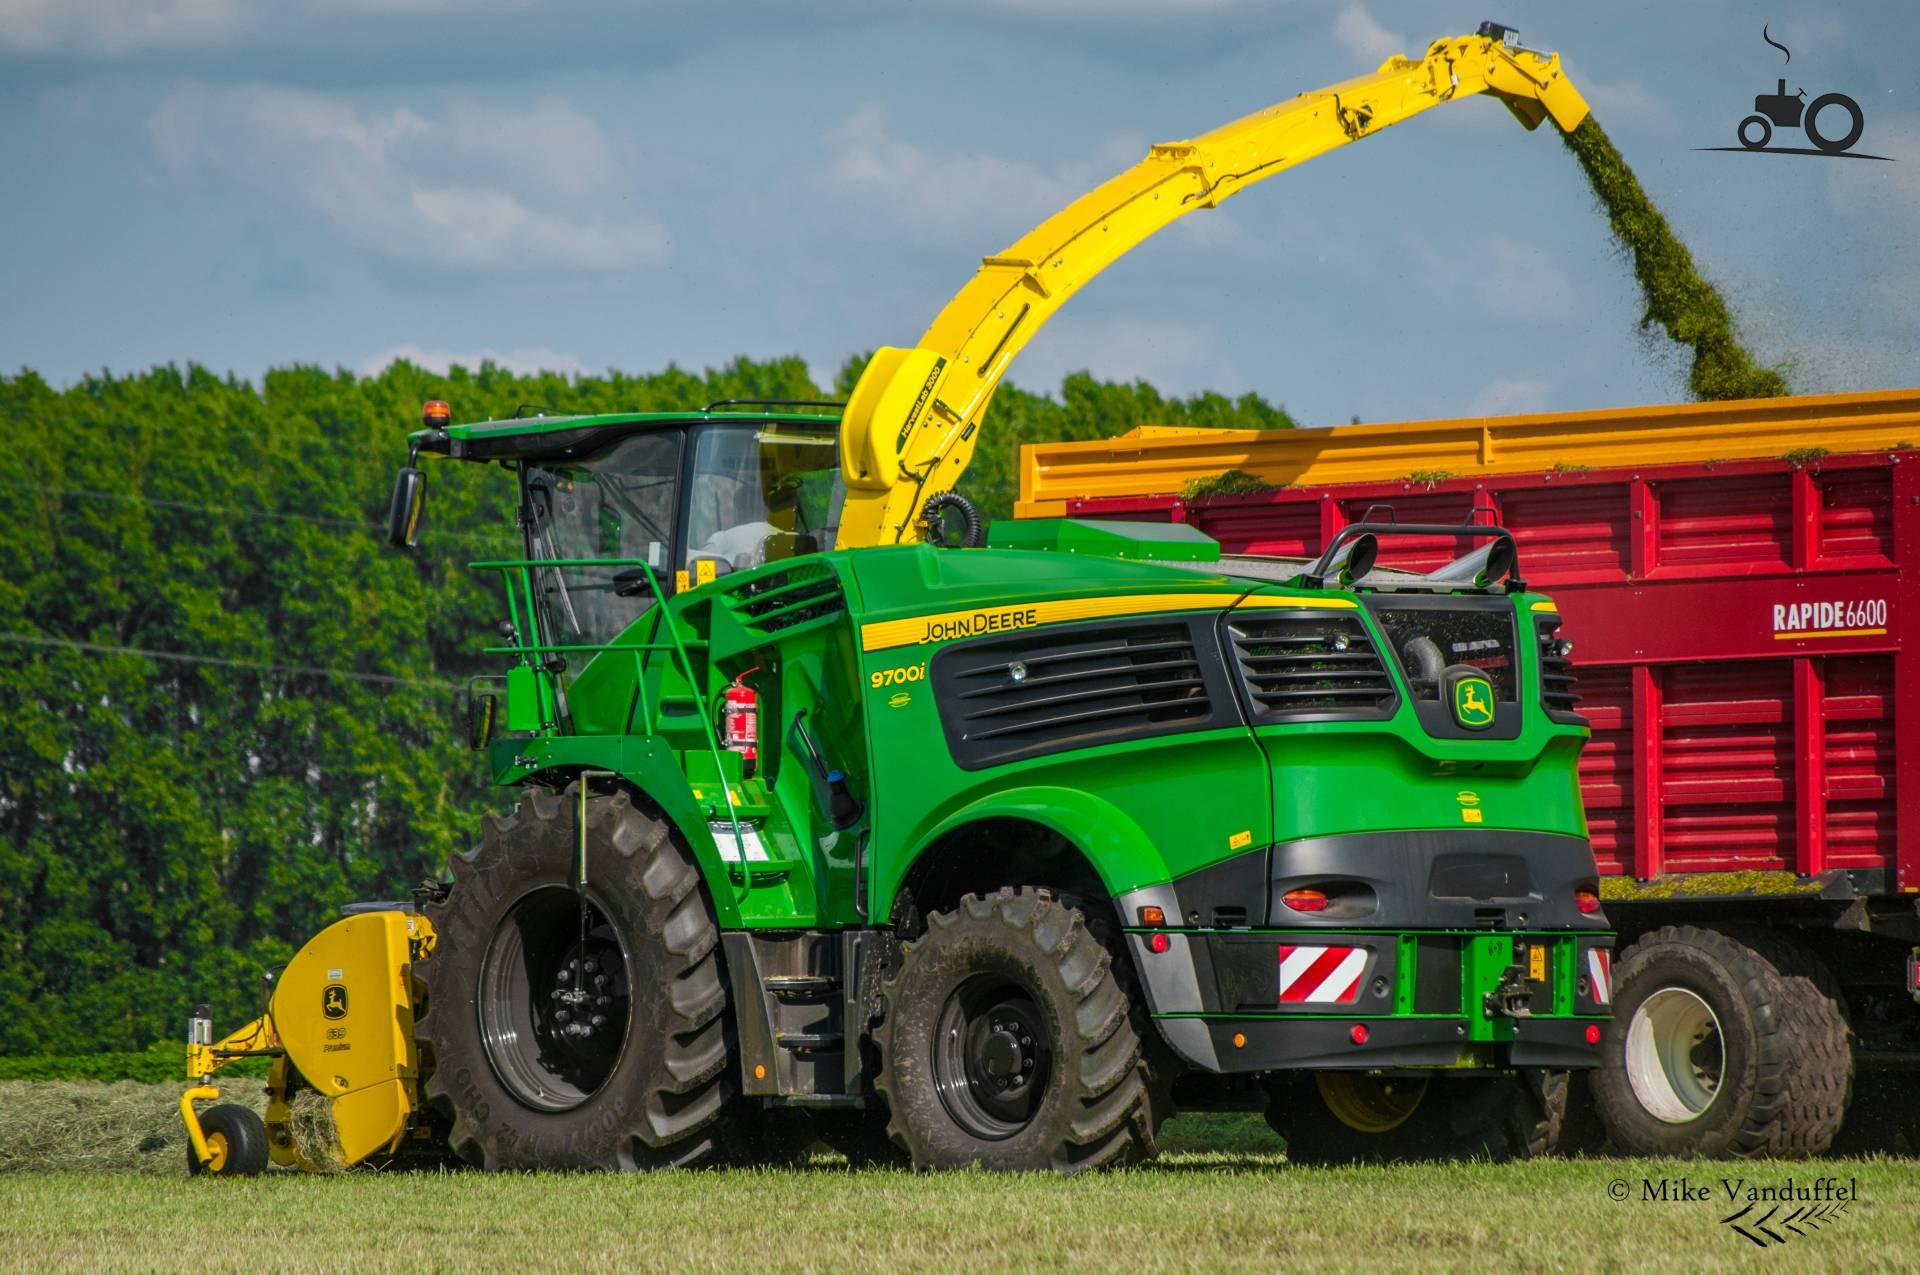 John Deere 8020 Series Official v2.0 for LS19 - Farming